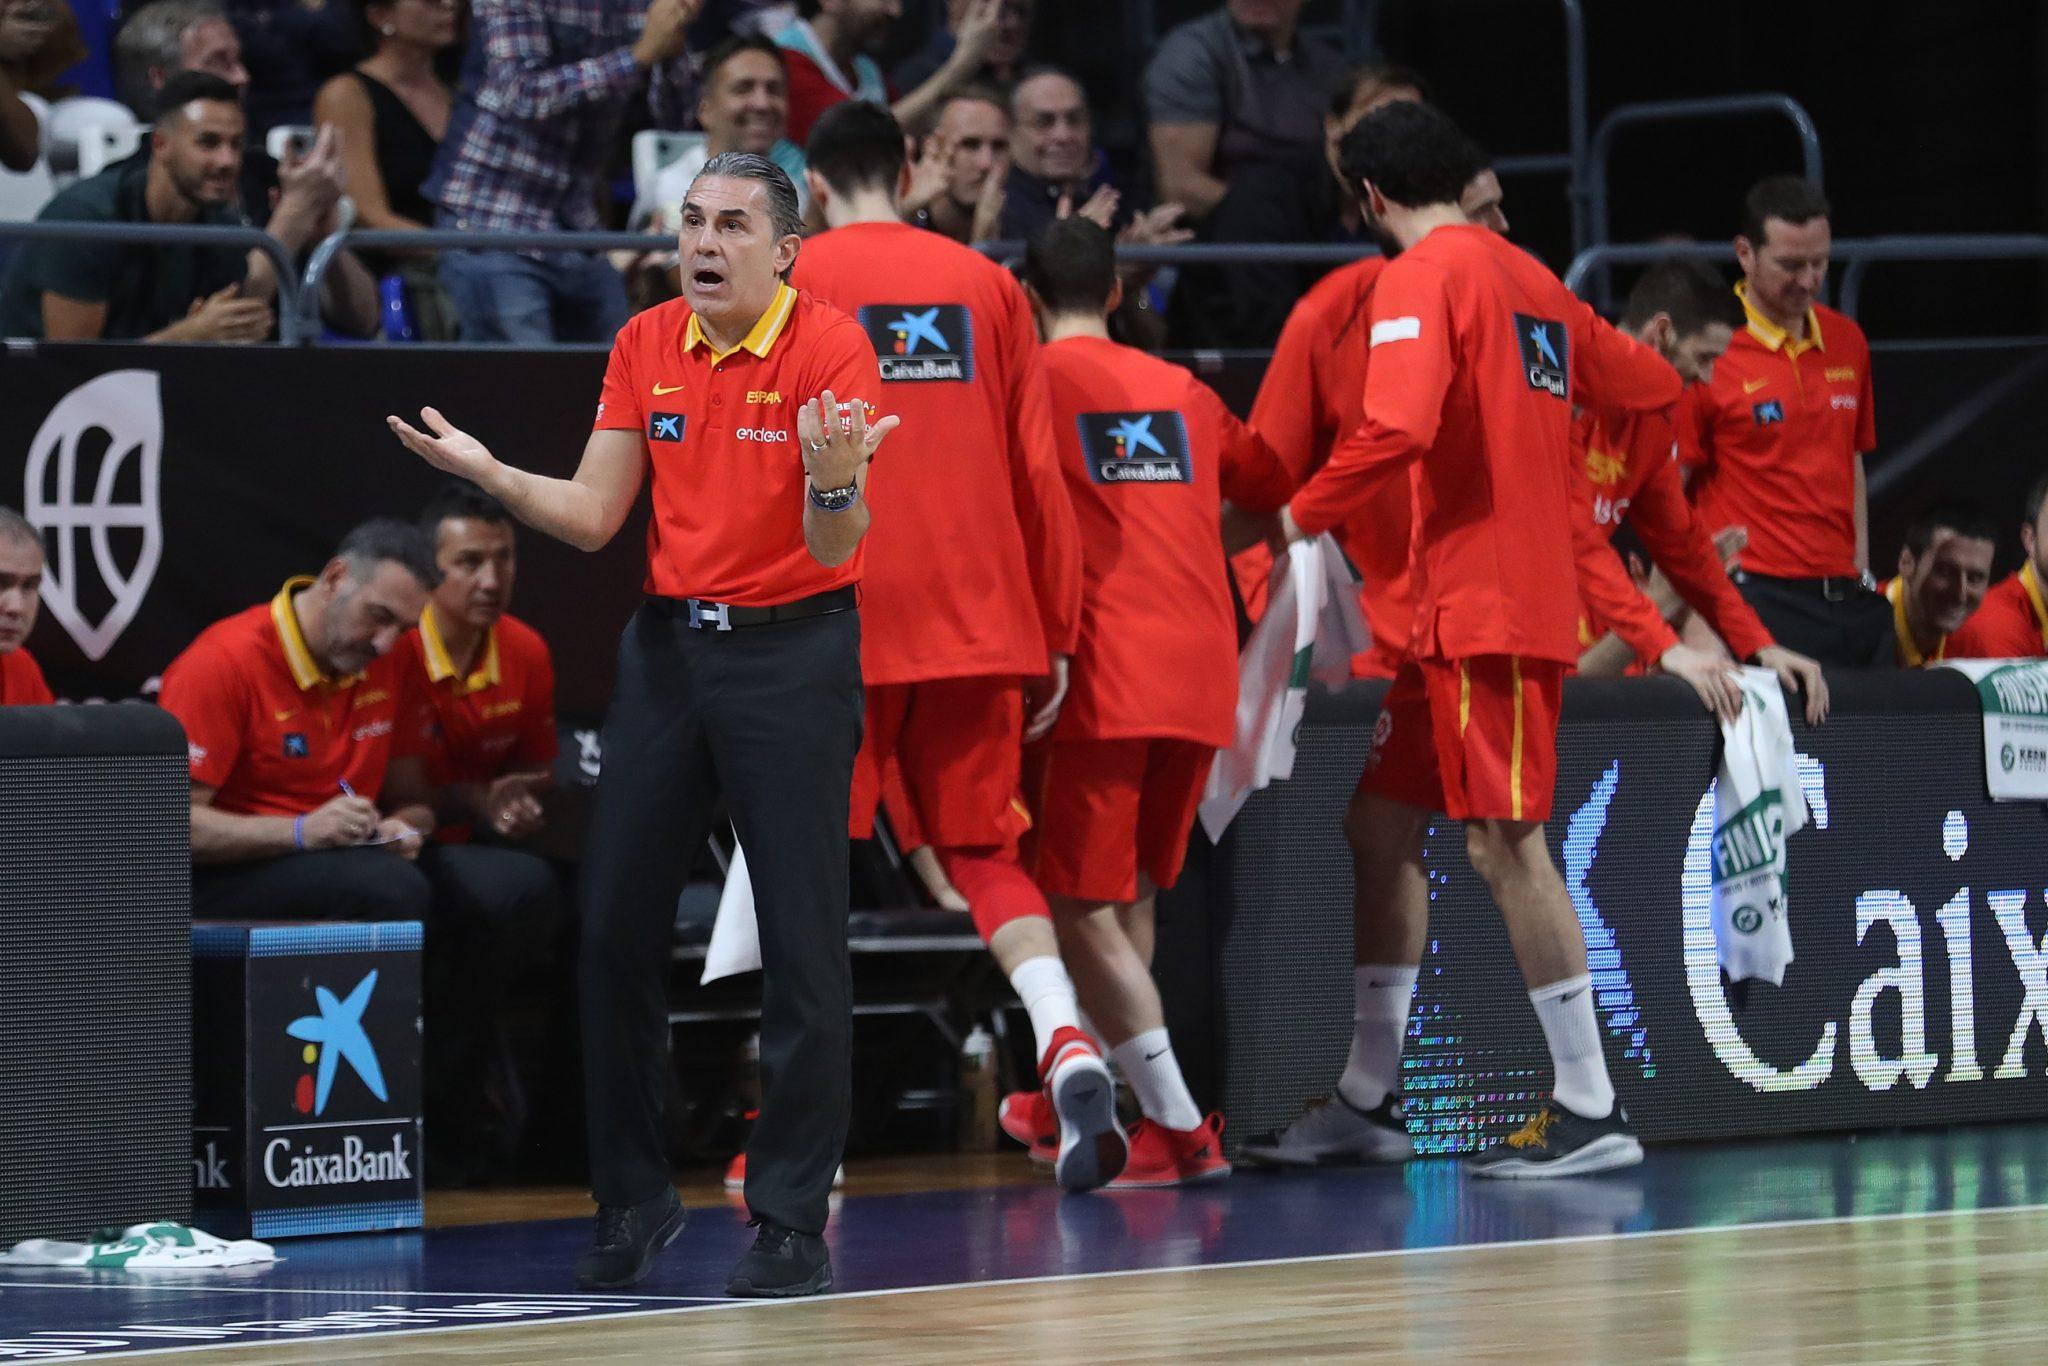 El seleccionador de España, Sergio Scariolo, durante el partido frente a Turquía, último de la fase de grupos clasificatoria de la Copa del Mundo jugado este lunes en el Pabellón Santiago Martín de Tenerife / EFE